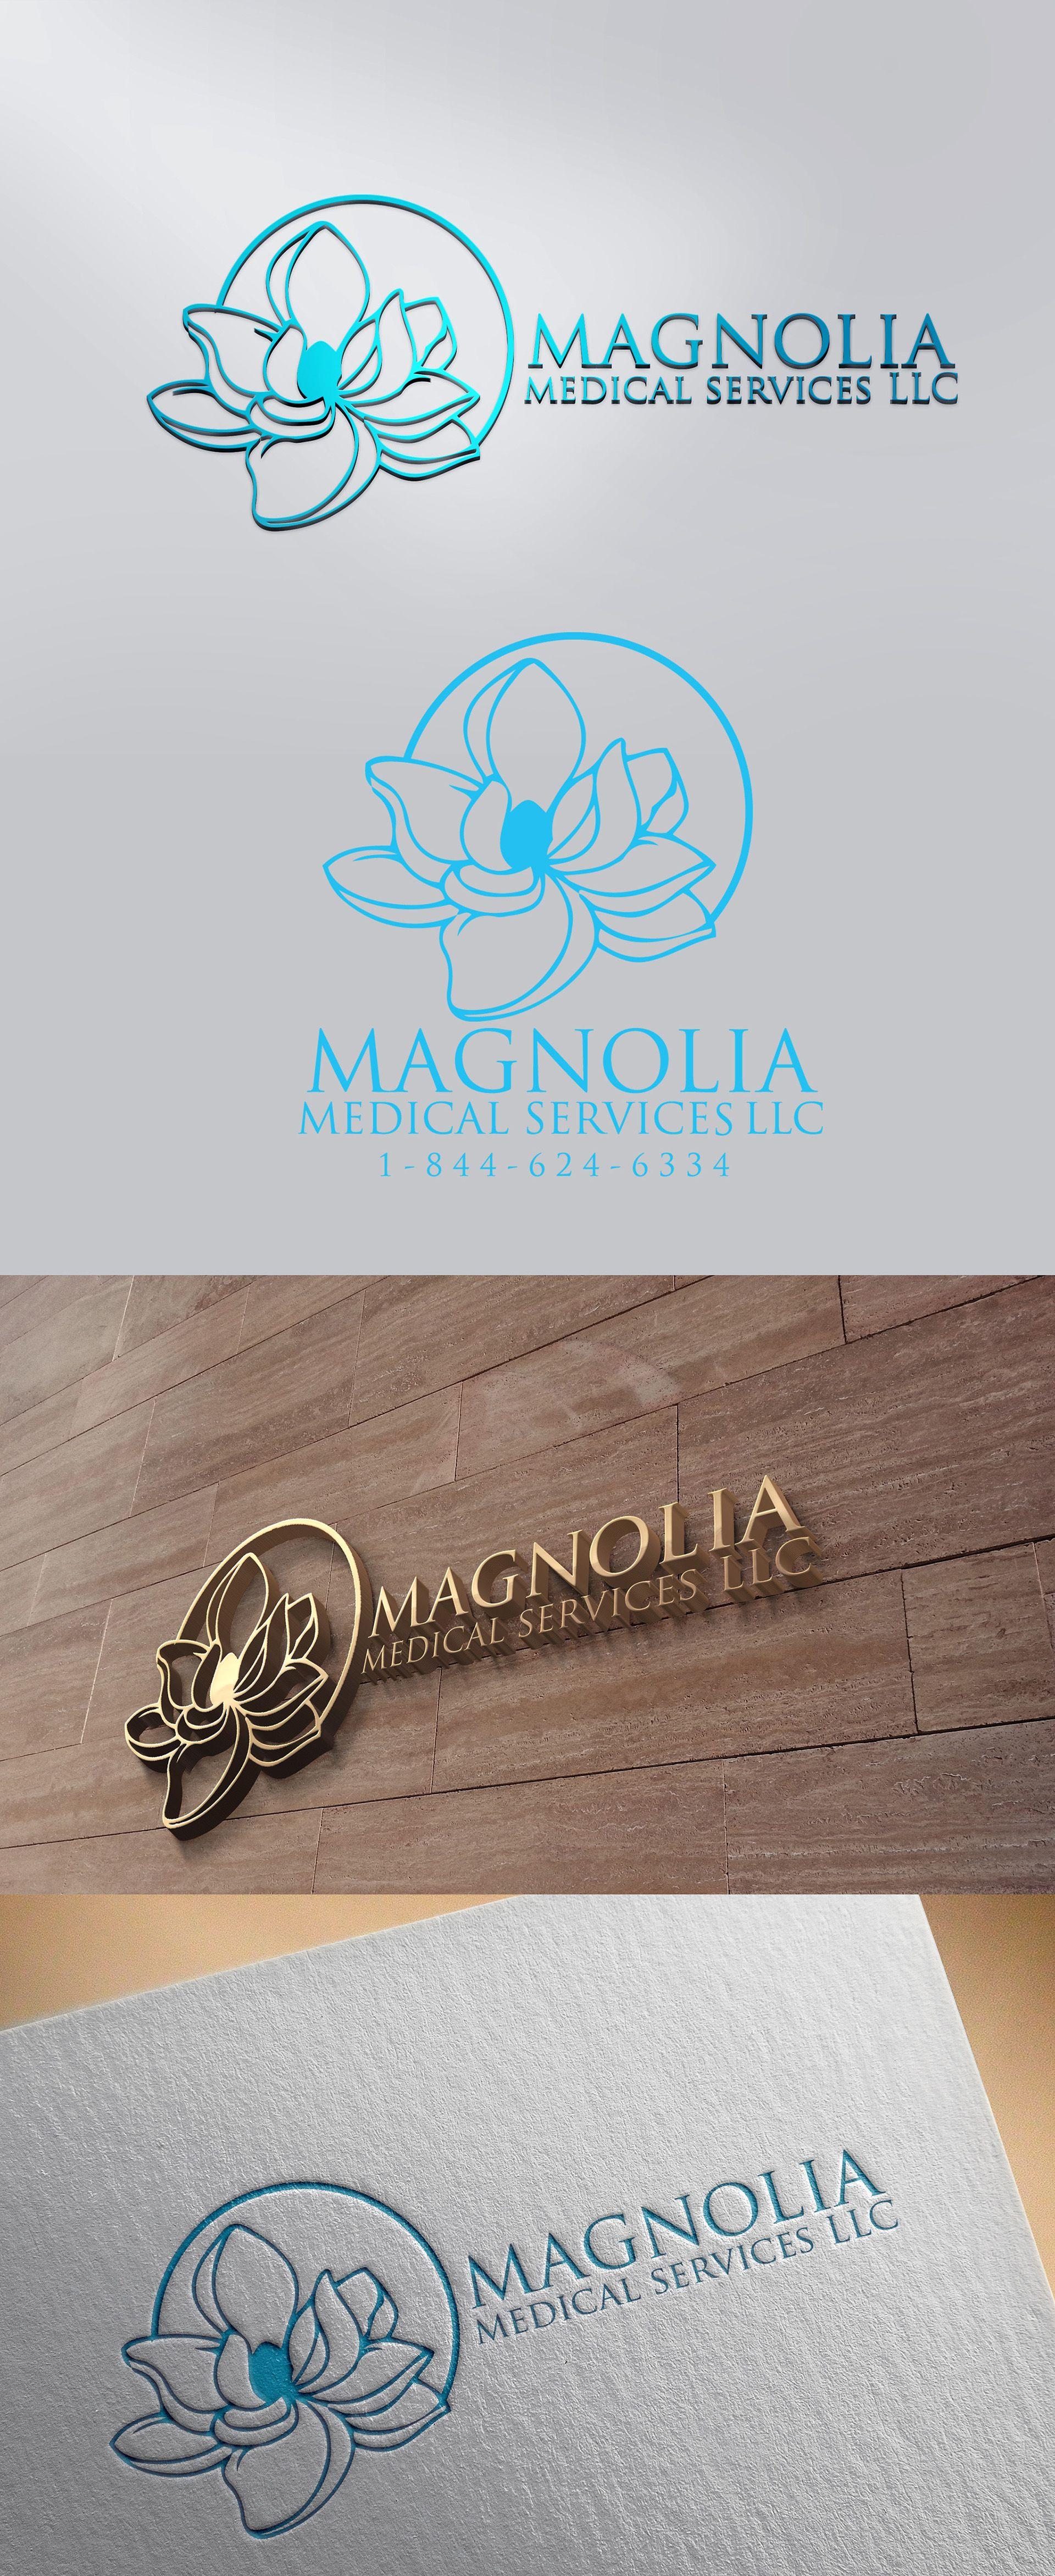 Magnolia medical services llc on behance medical